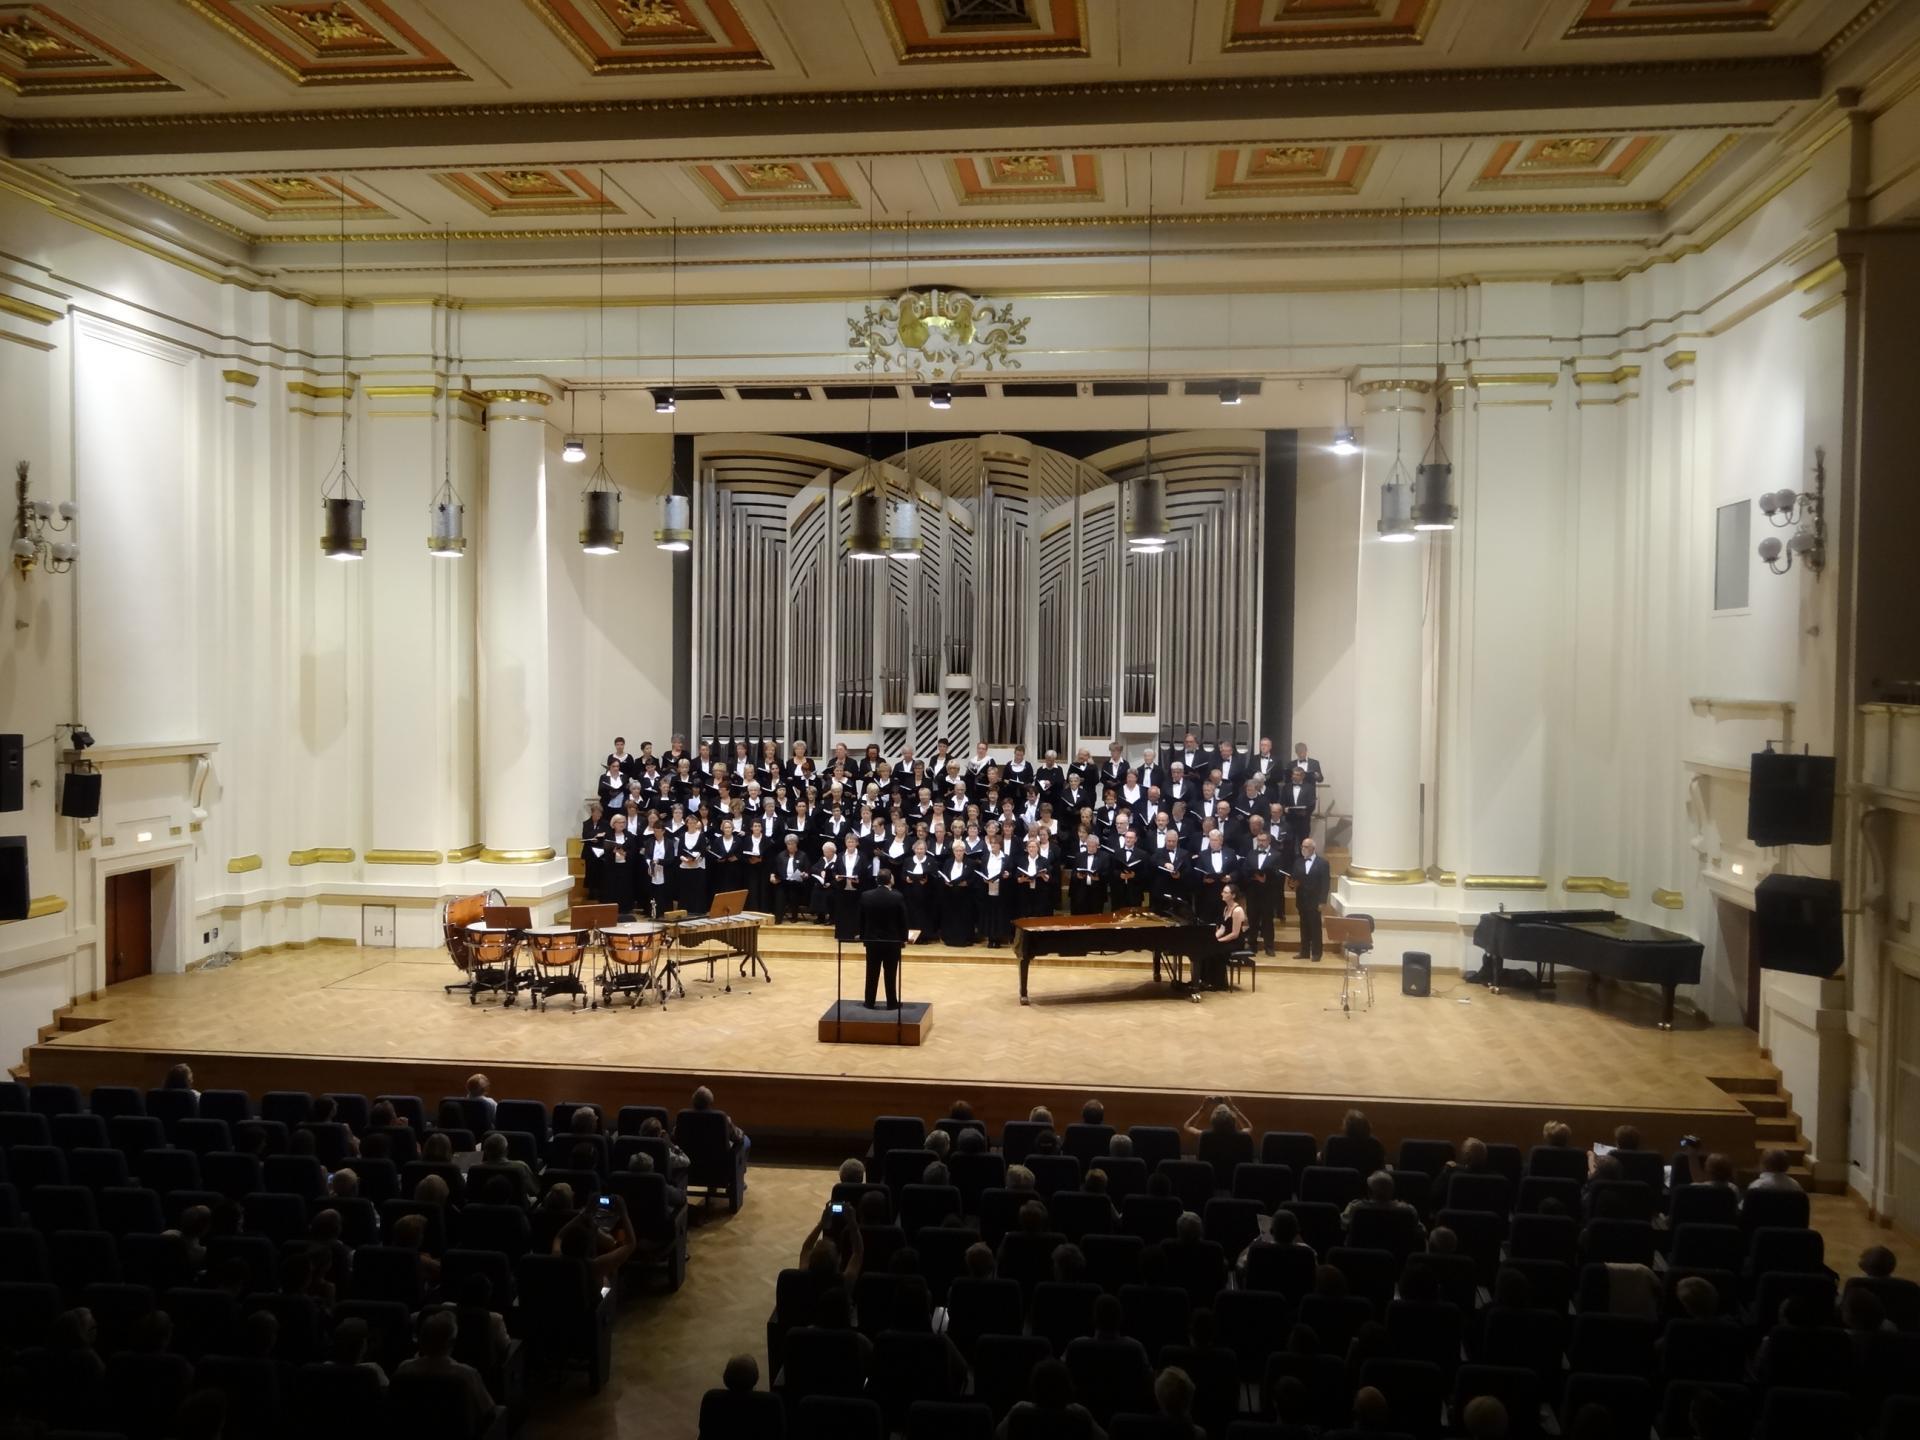 Le chœur en place